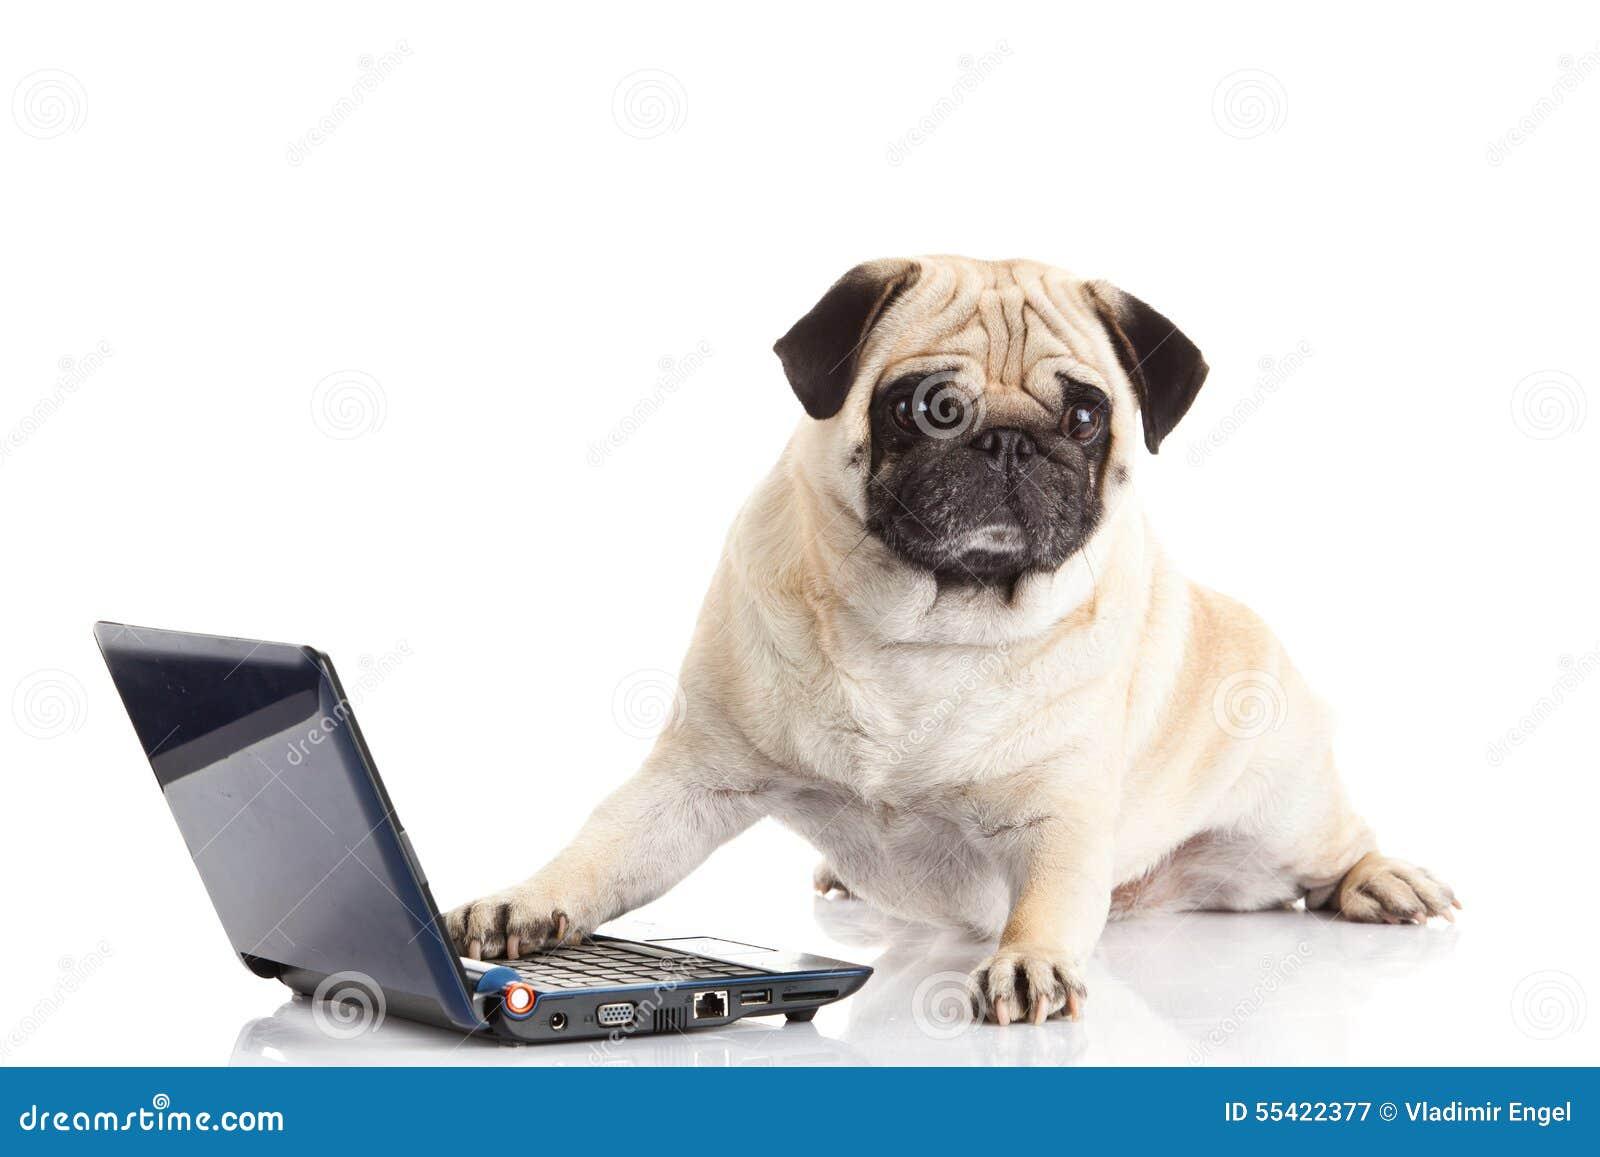 Dog Pugdog Computer Isolated On White Background Laptop